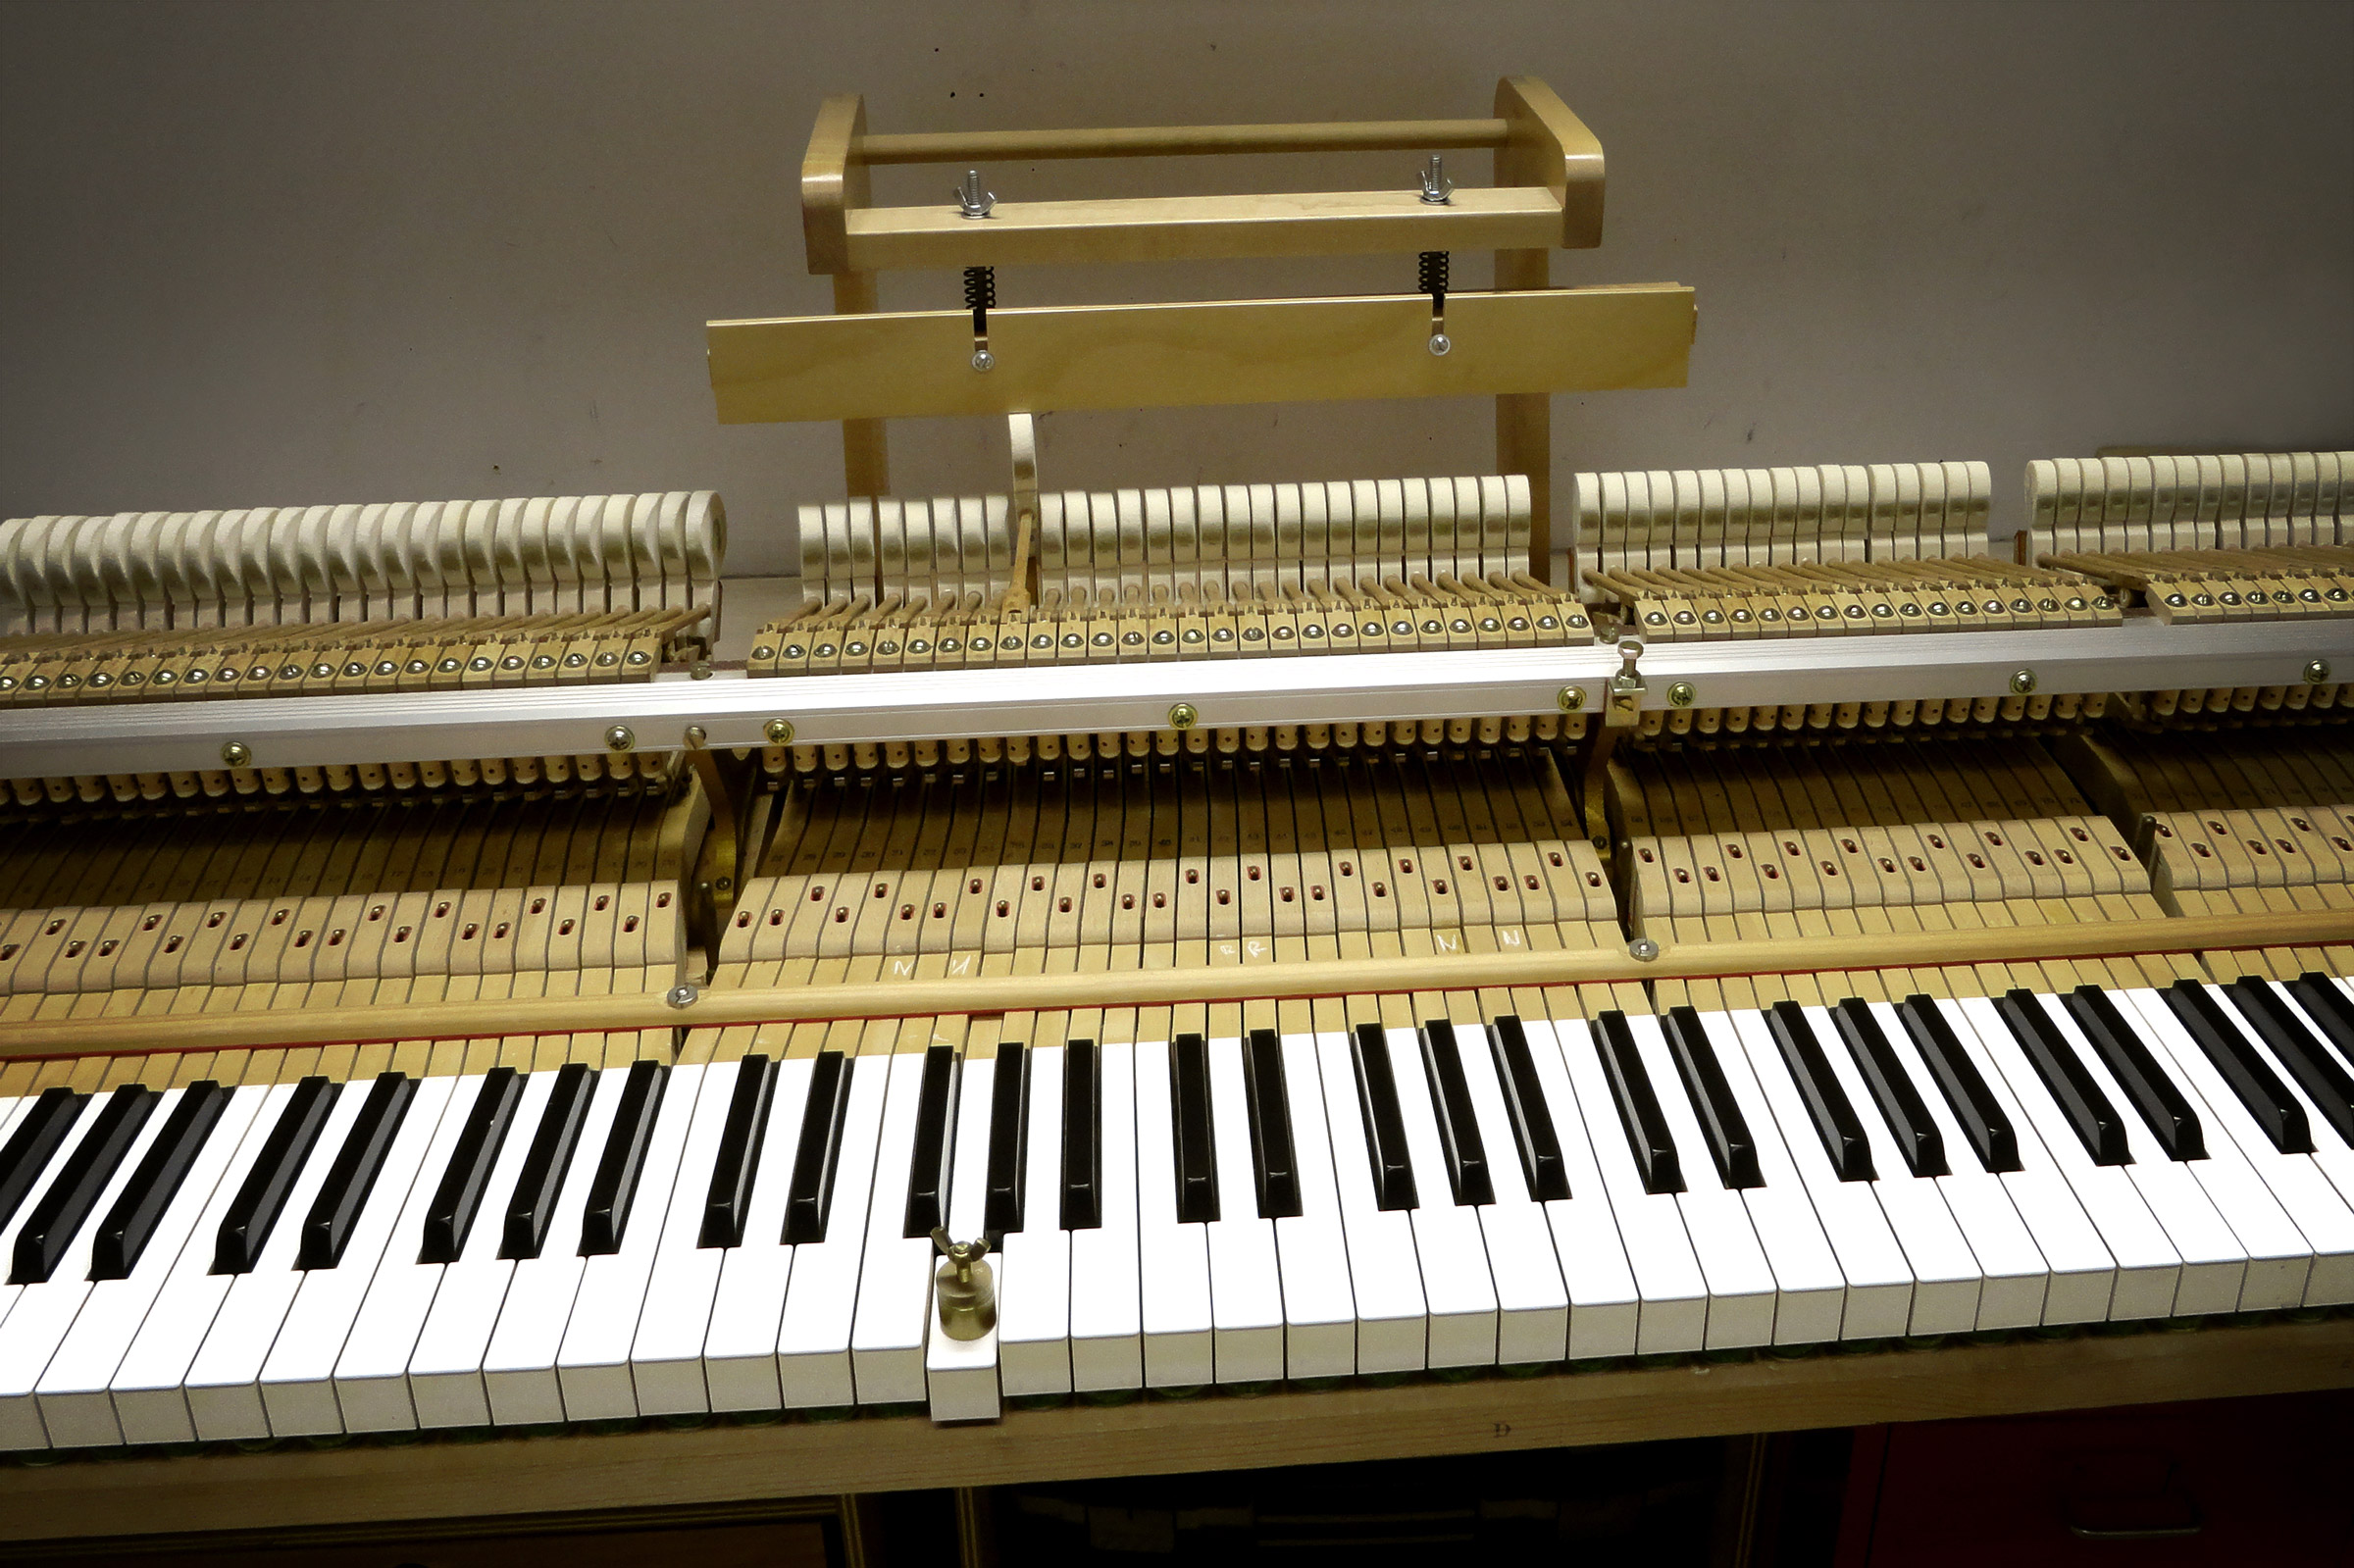 piano-reparatie-restauratie-techniek-6